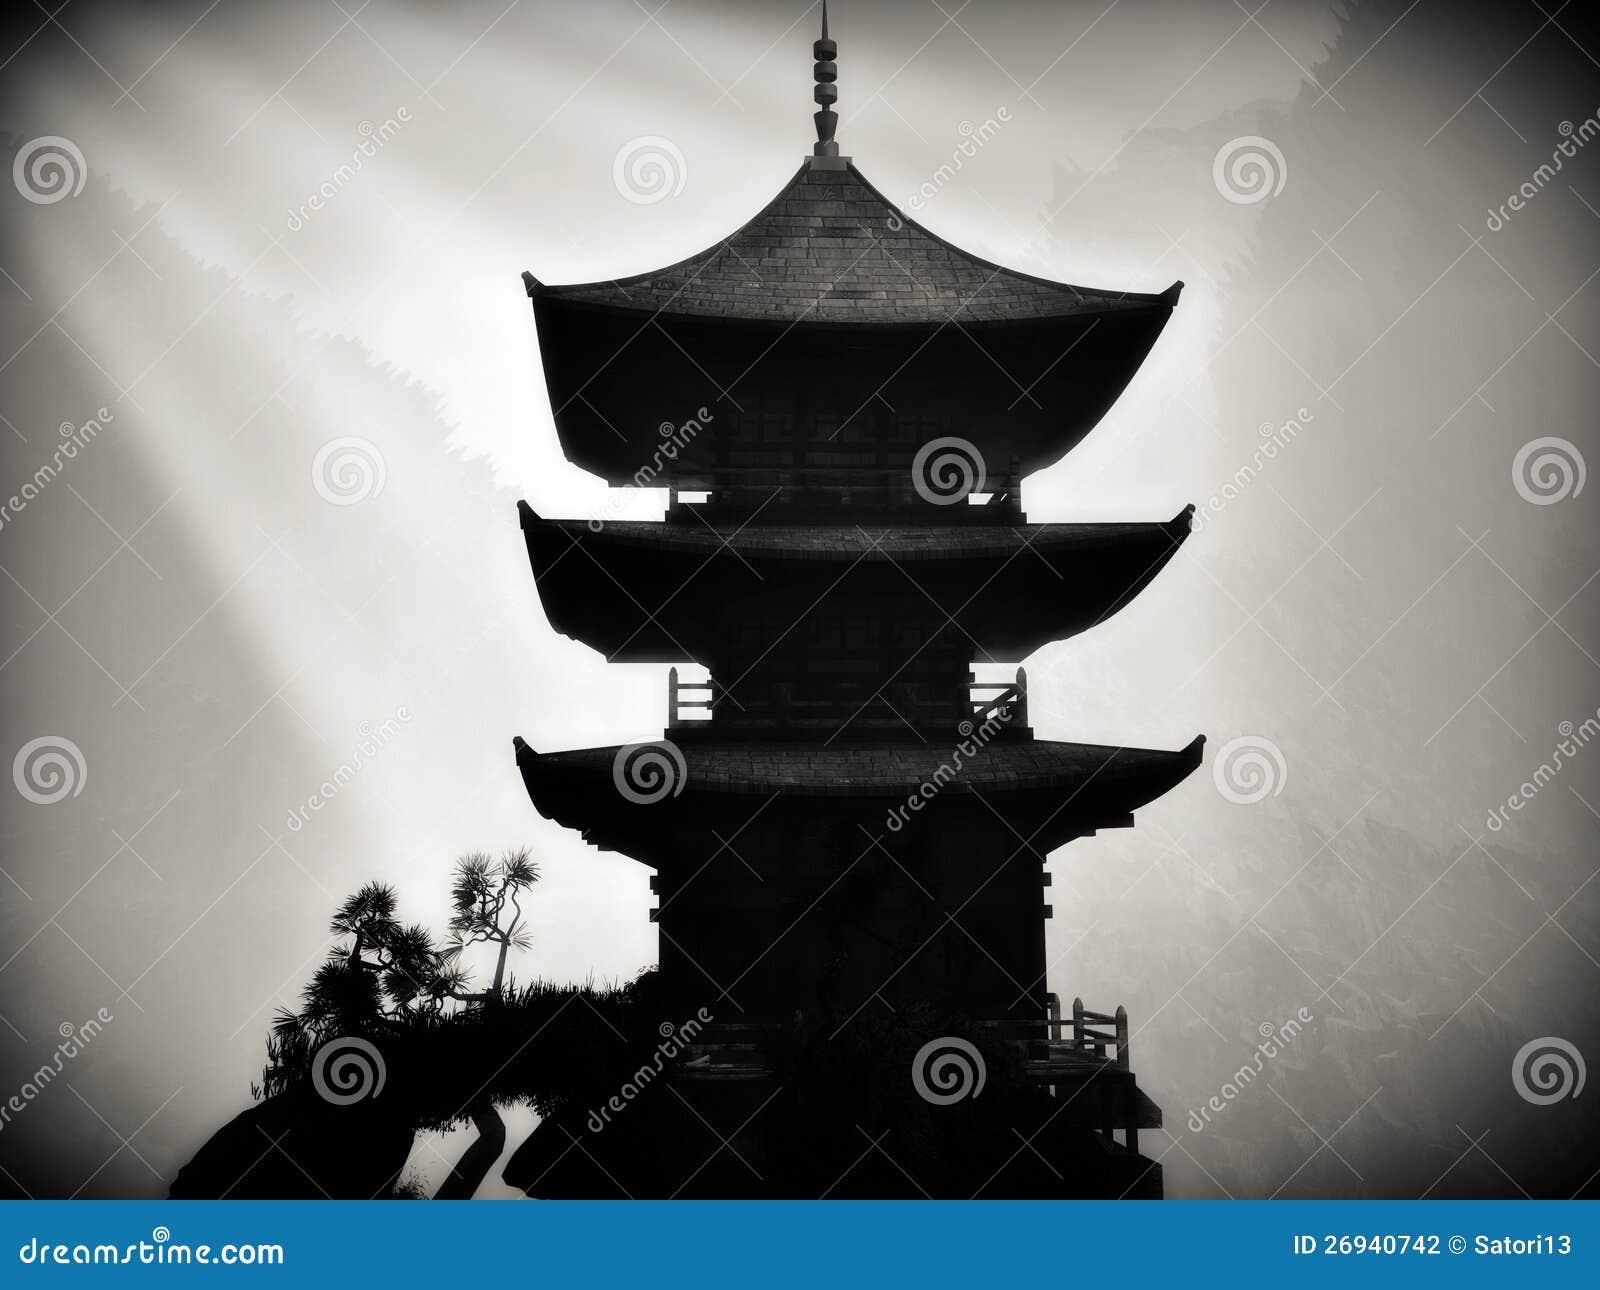 templo budista do zen ilustração stock ilustração de calmo 26940742